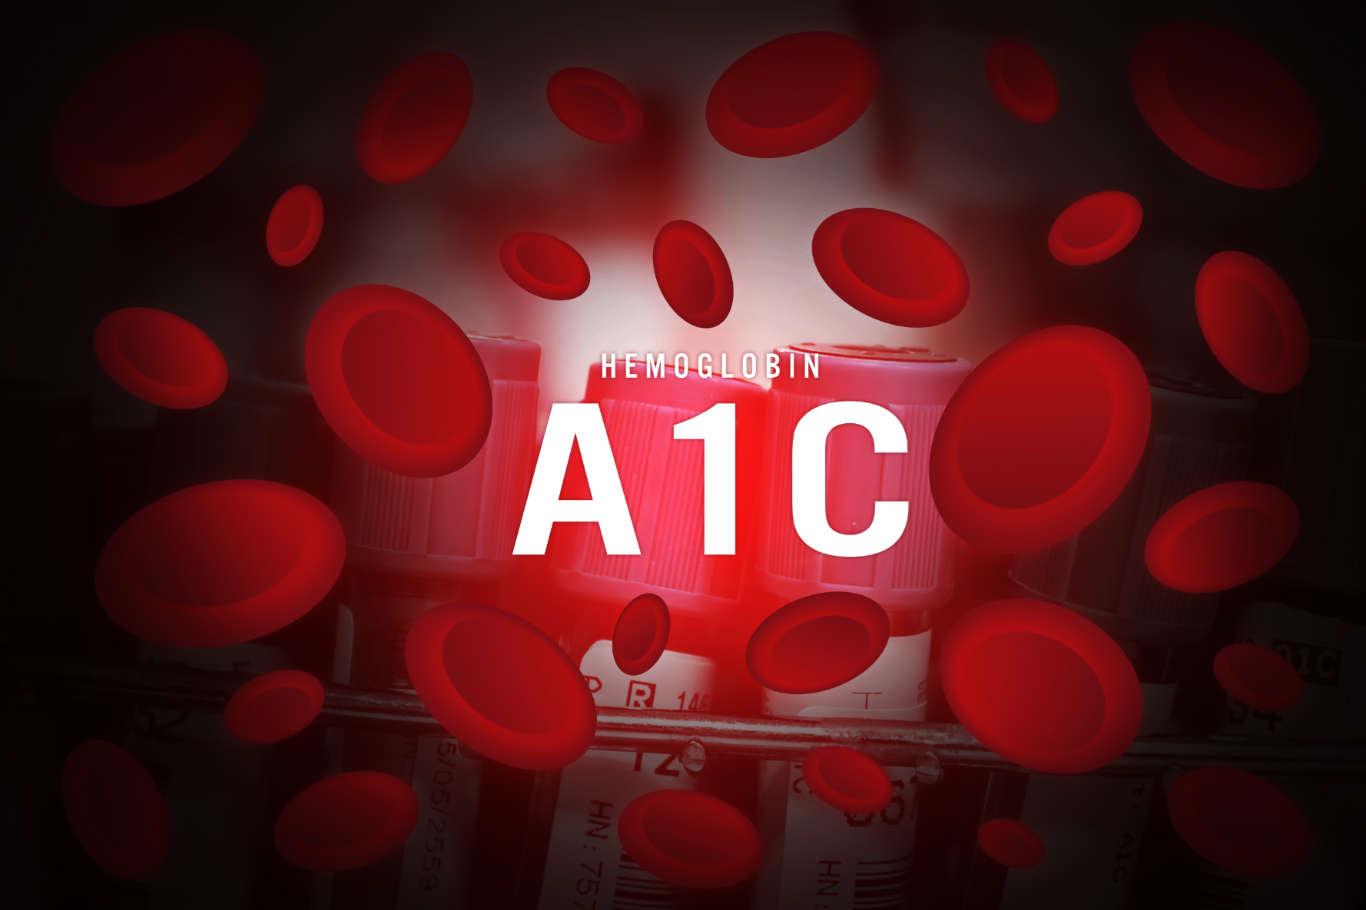 اگر میزان هموگلوبین یعنی A1C شش درصد باشد